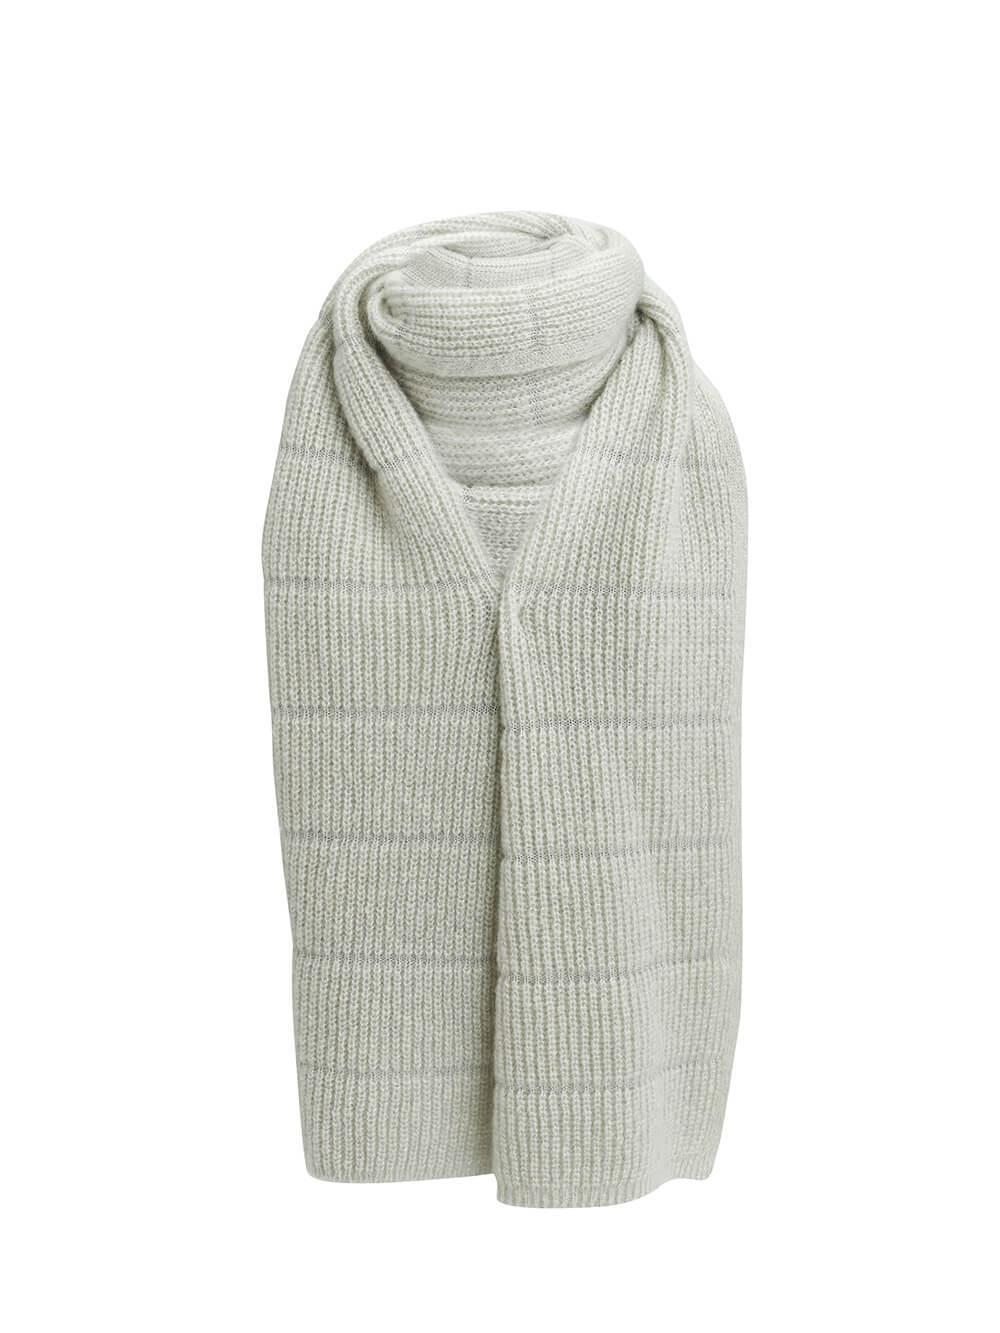 Женский шарф молочного цвета из мохера - фото 1